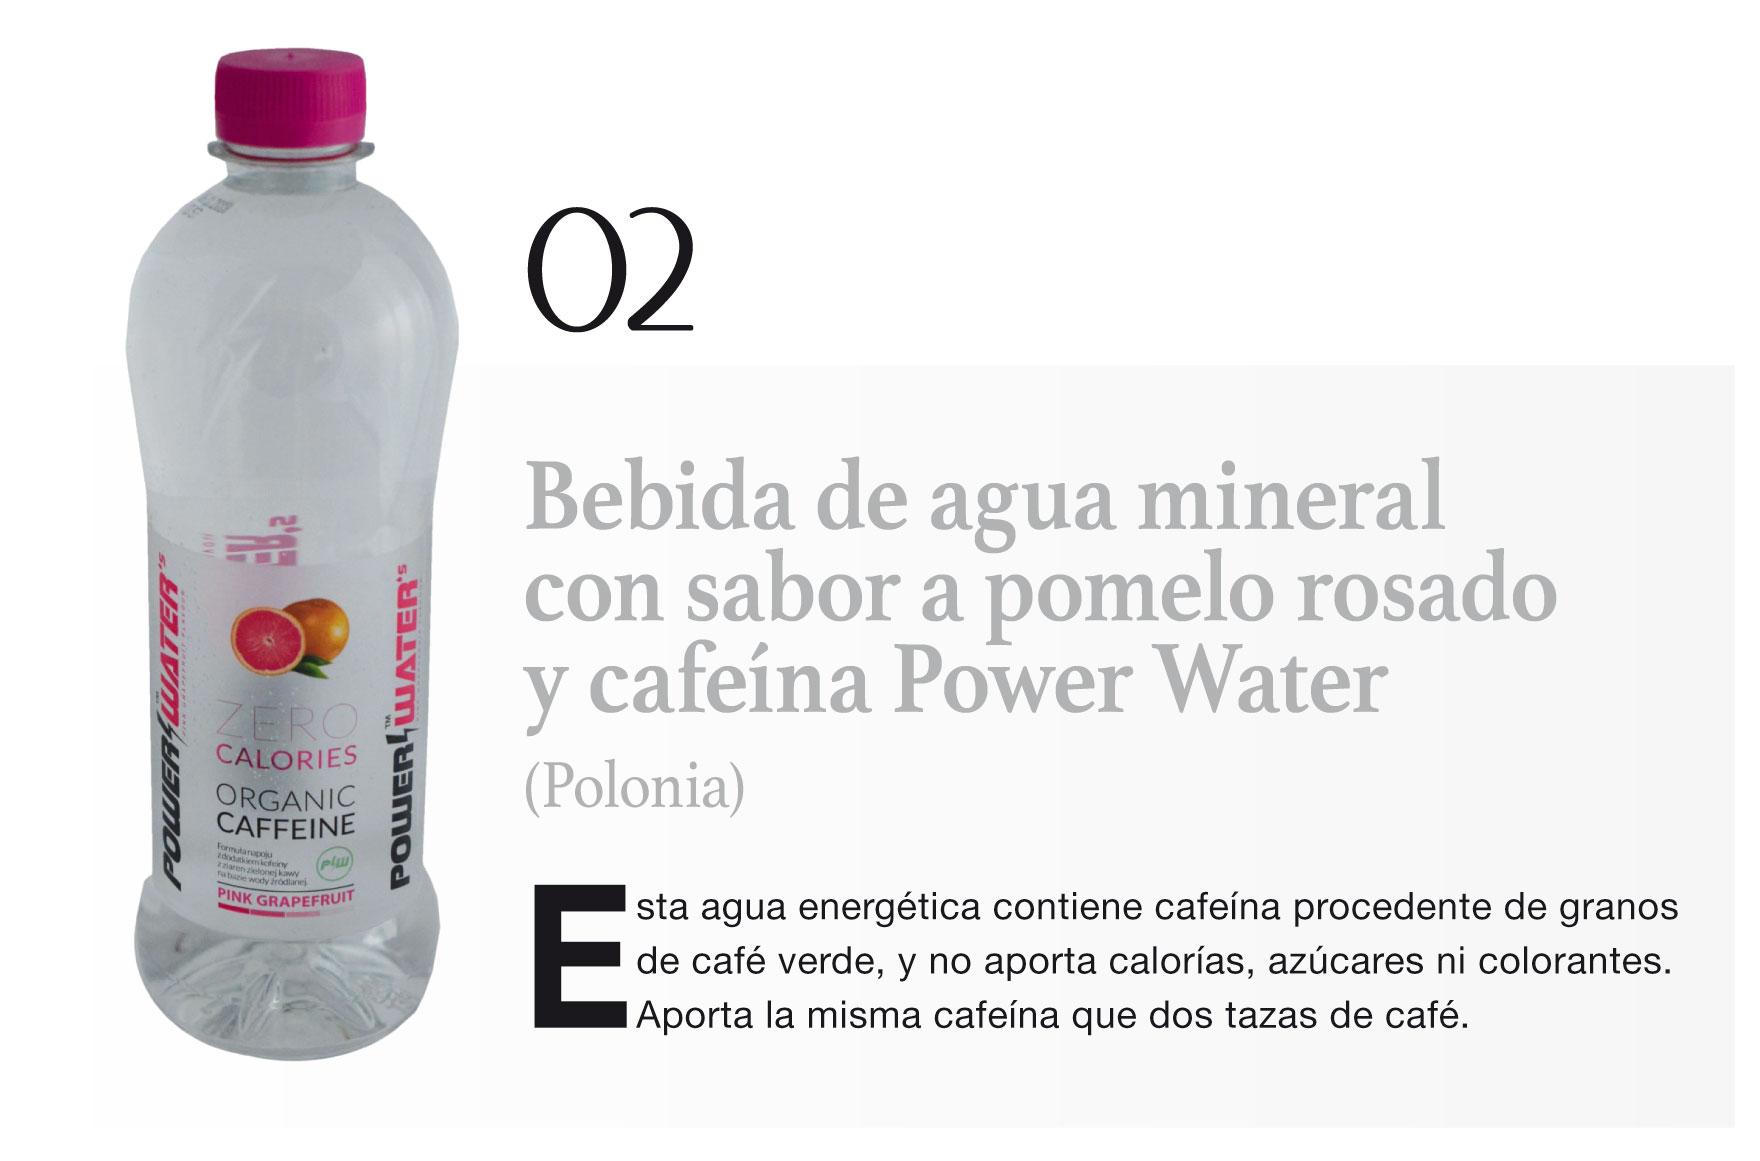 Bebida de agua mineral con sabor a pomelo rosado y cafeína Power Water (Polonia)